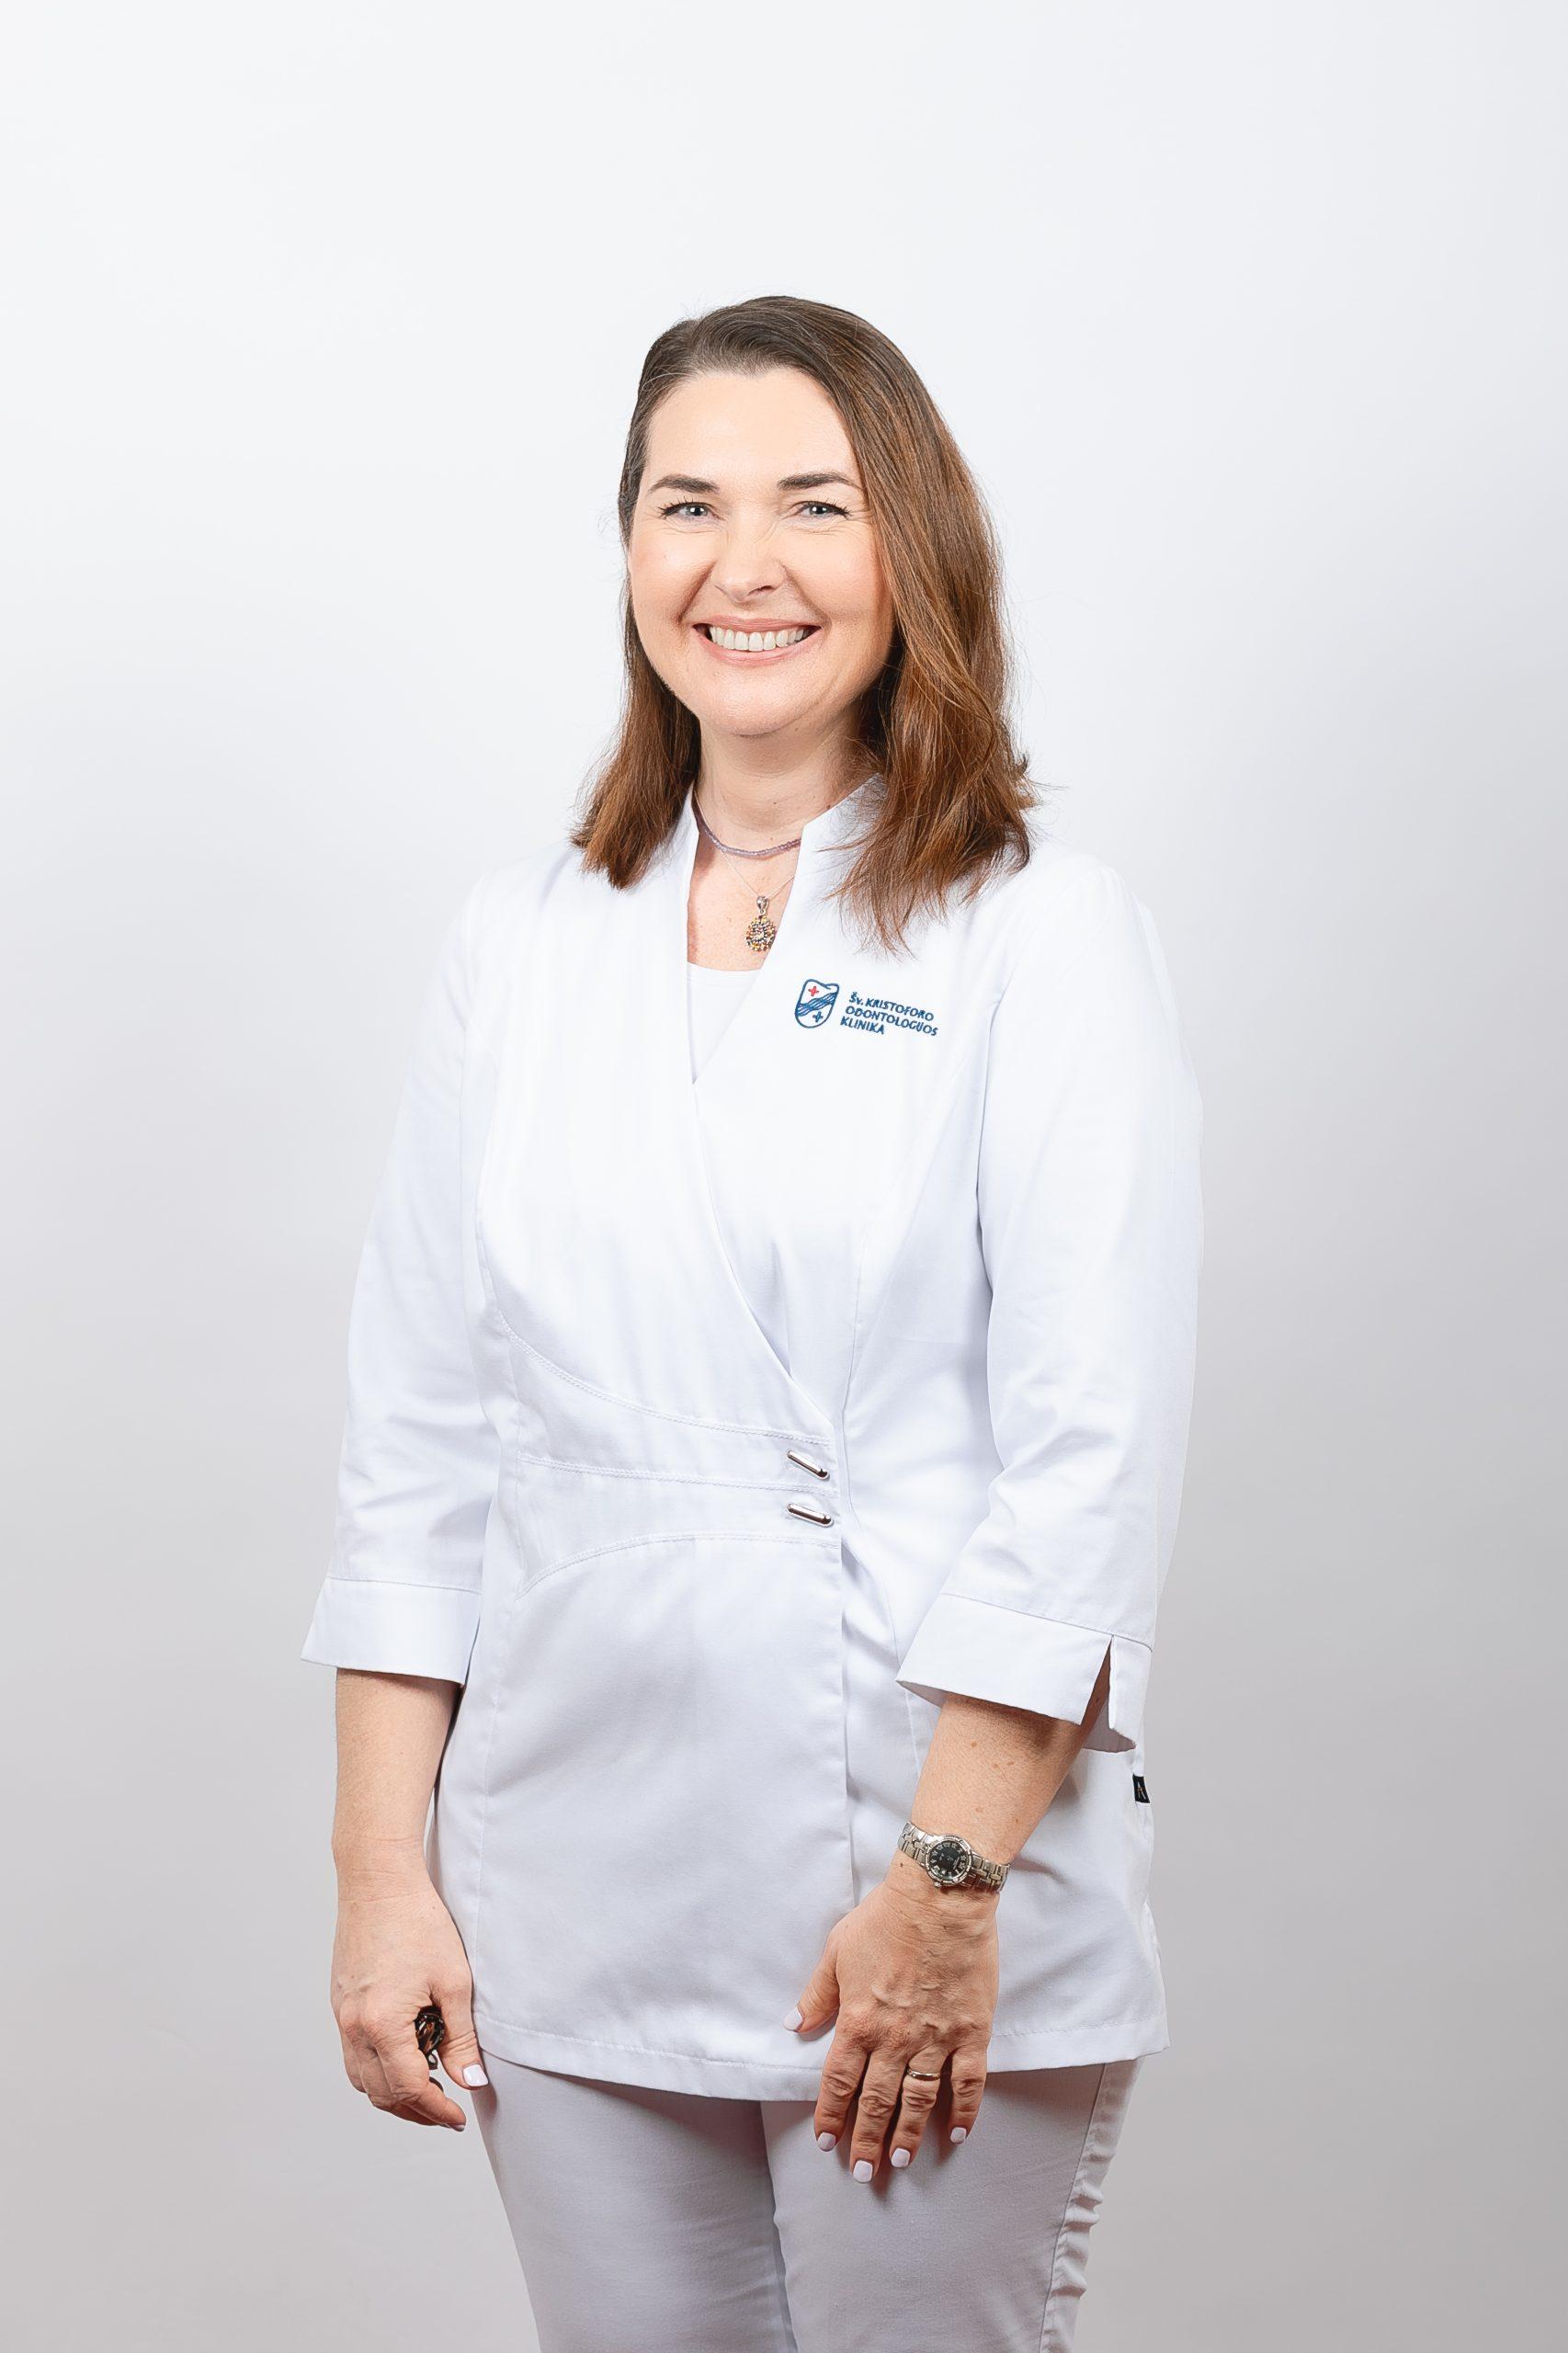 Gydytoja ortodontė Rūta Juknevičienė